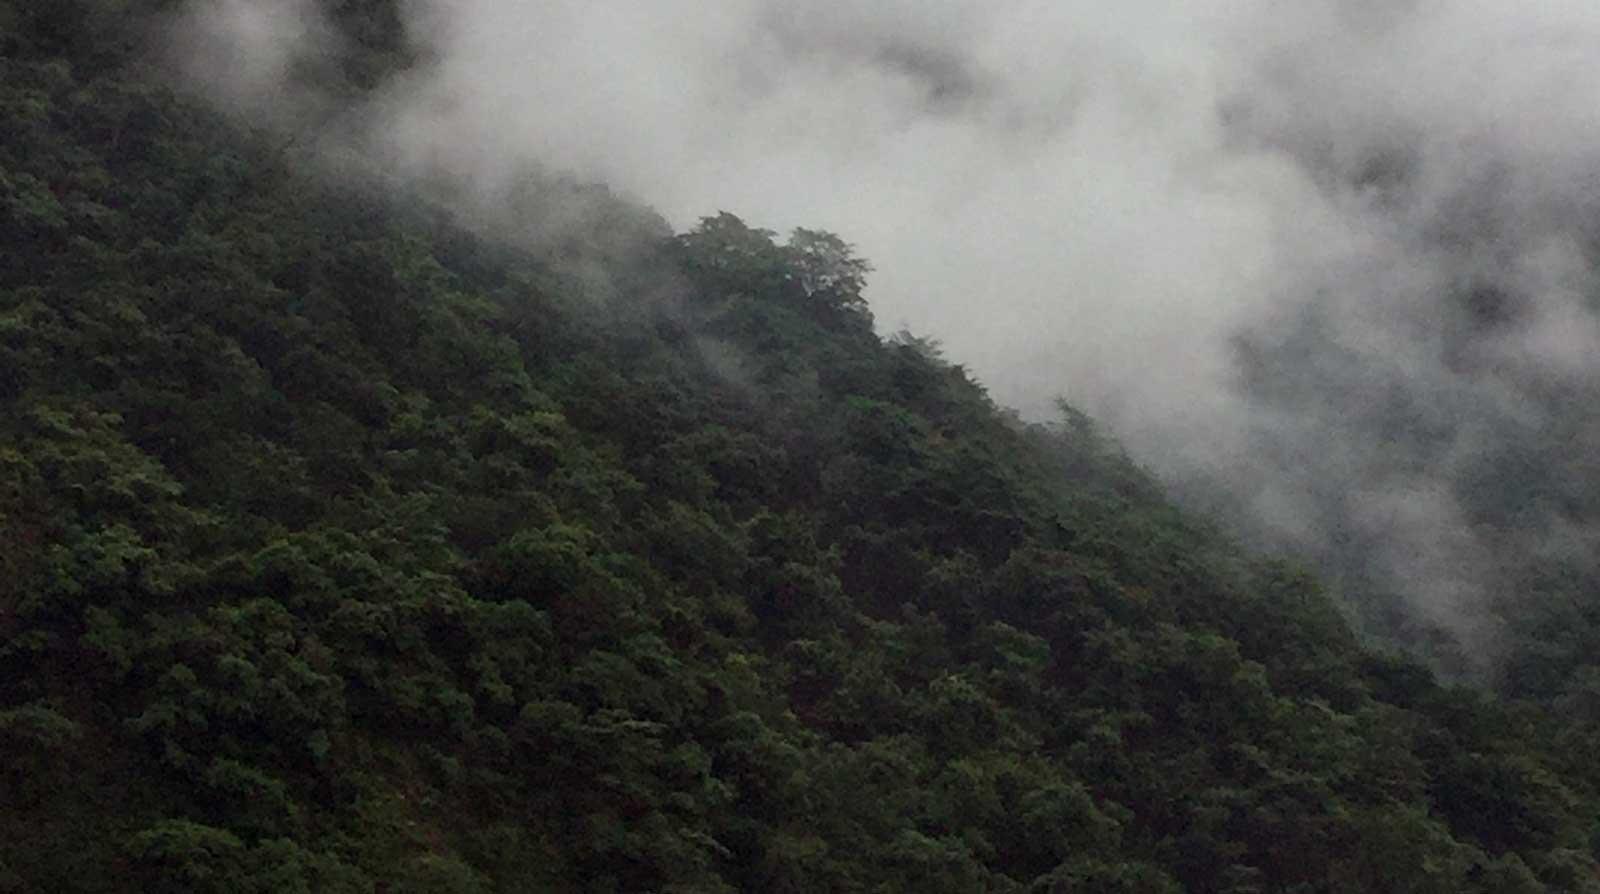 Forest view. Credit: Janhavi Mittal